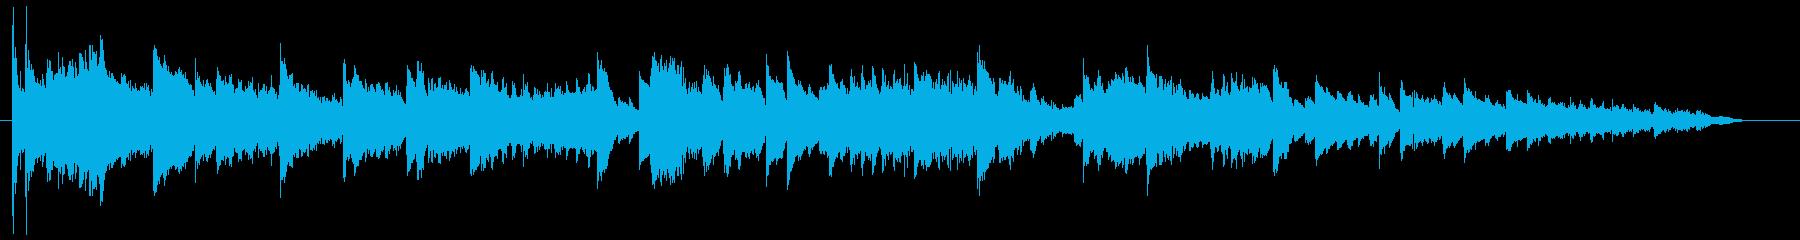 オルゴールとおもちゃの世界的サウンドの再生済みの波形